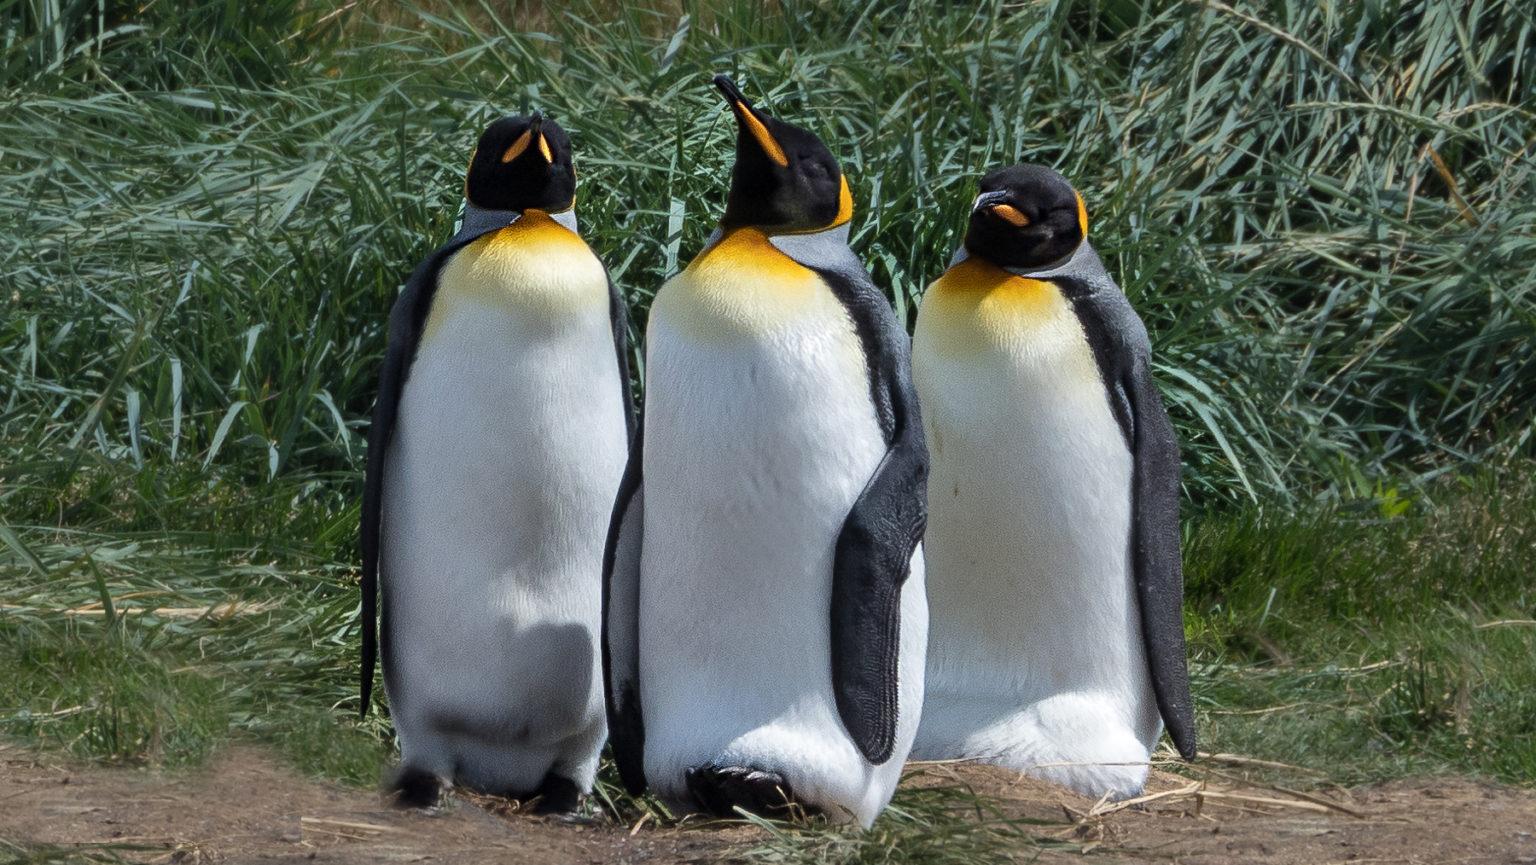 Königspinguine balancieren ihr Ei auf den Füßen unter der Bauchfalte